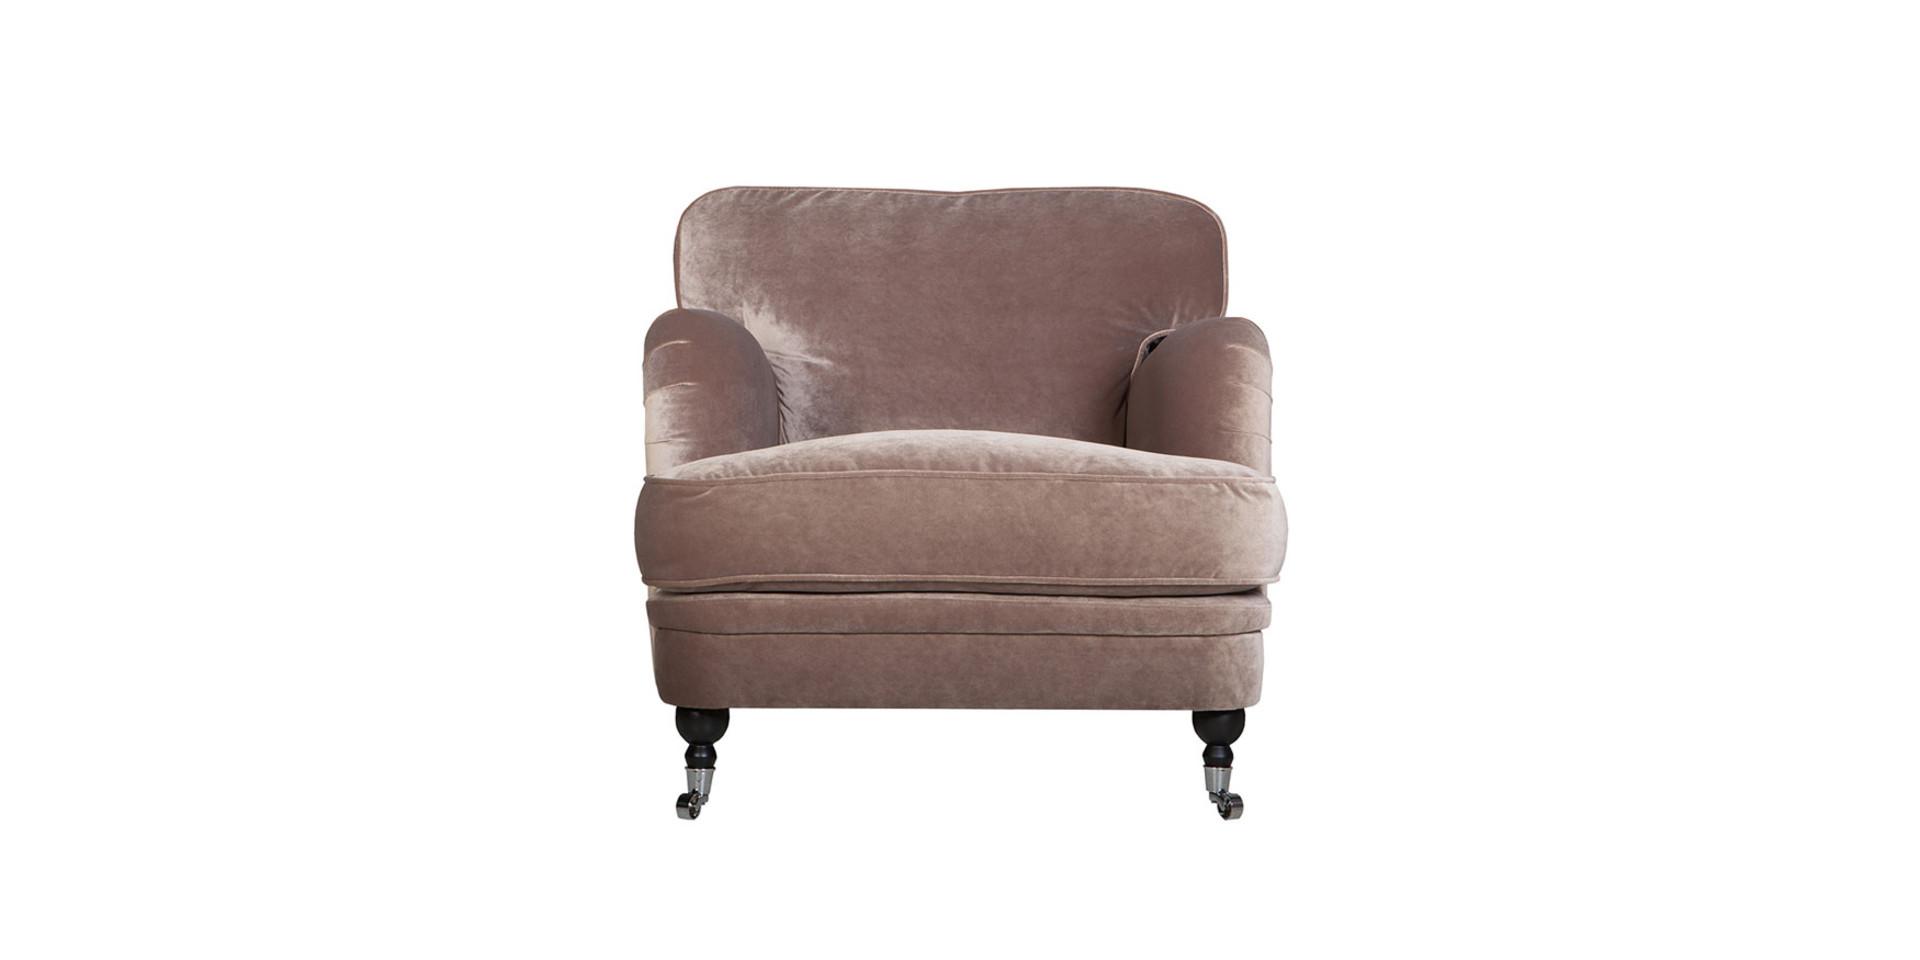 sits-olle-fauteuil-armchair_classic_velvet2_potato_1